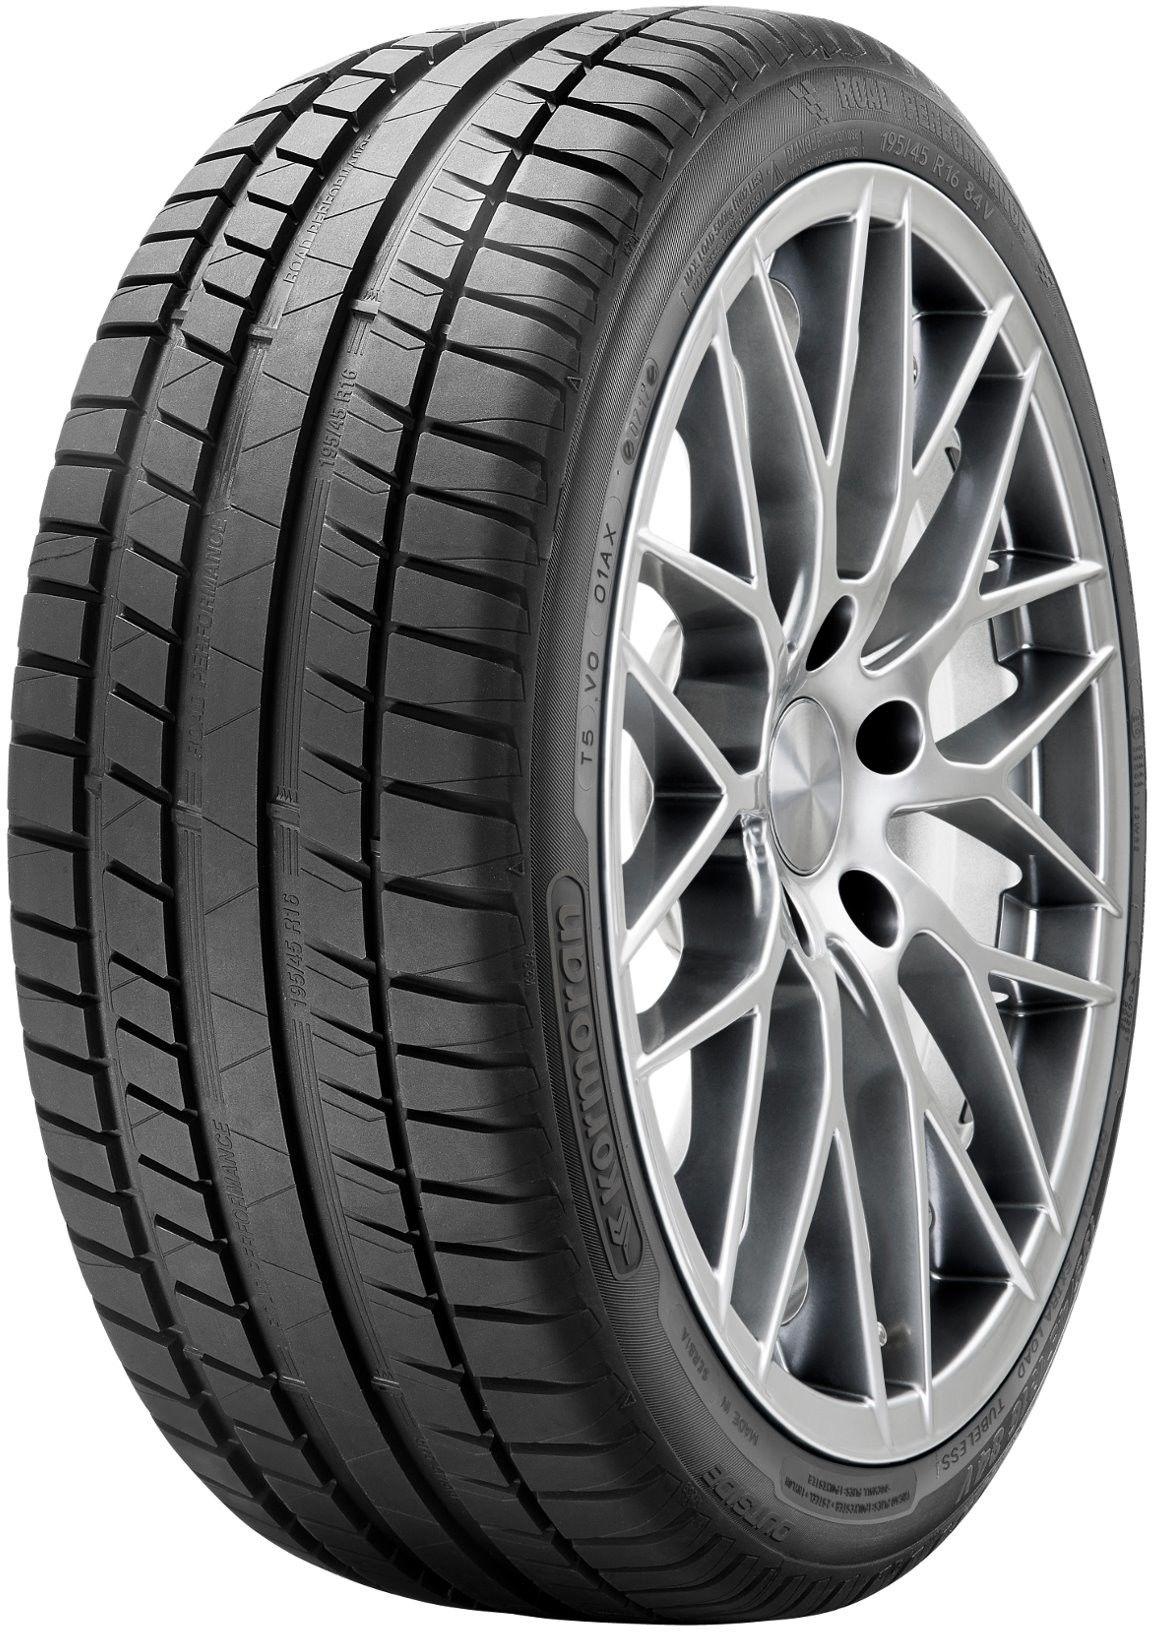 Kormoran Road Performance 205/60R16 96 W XL